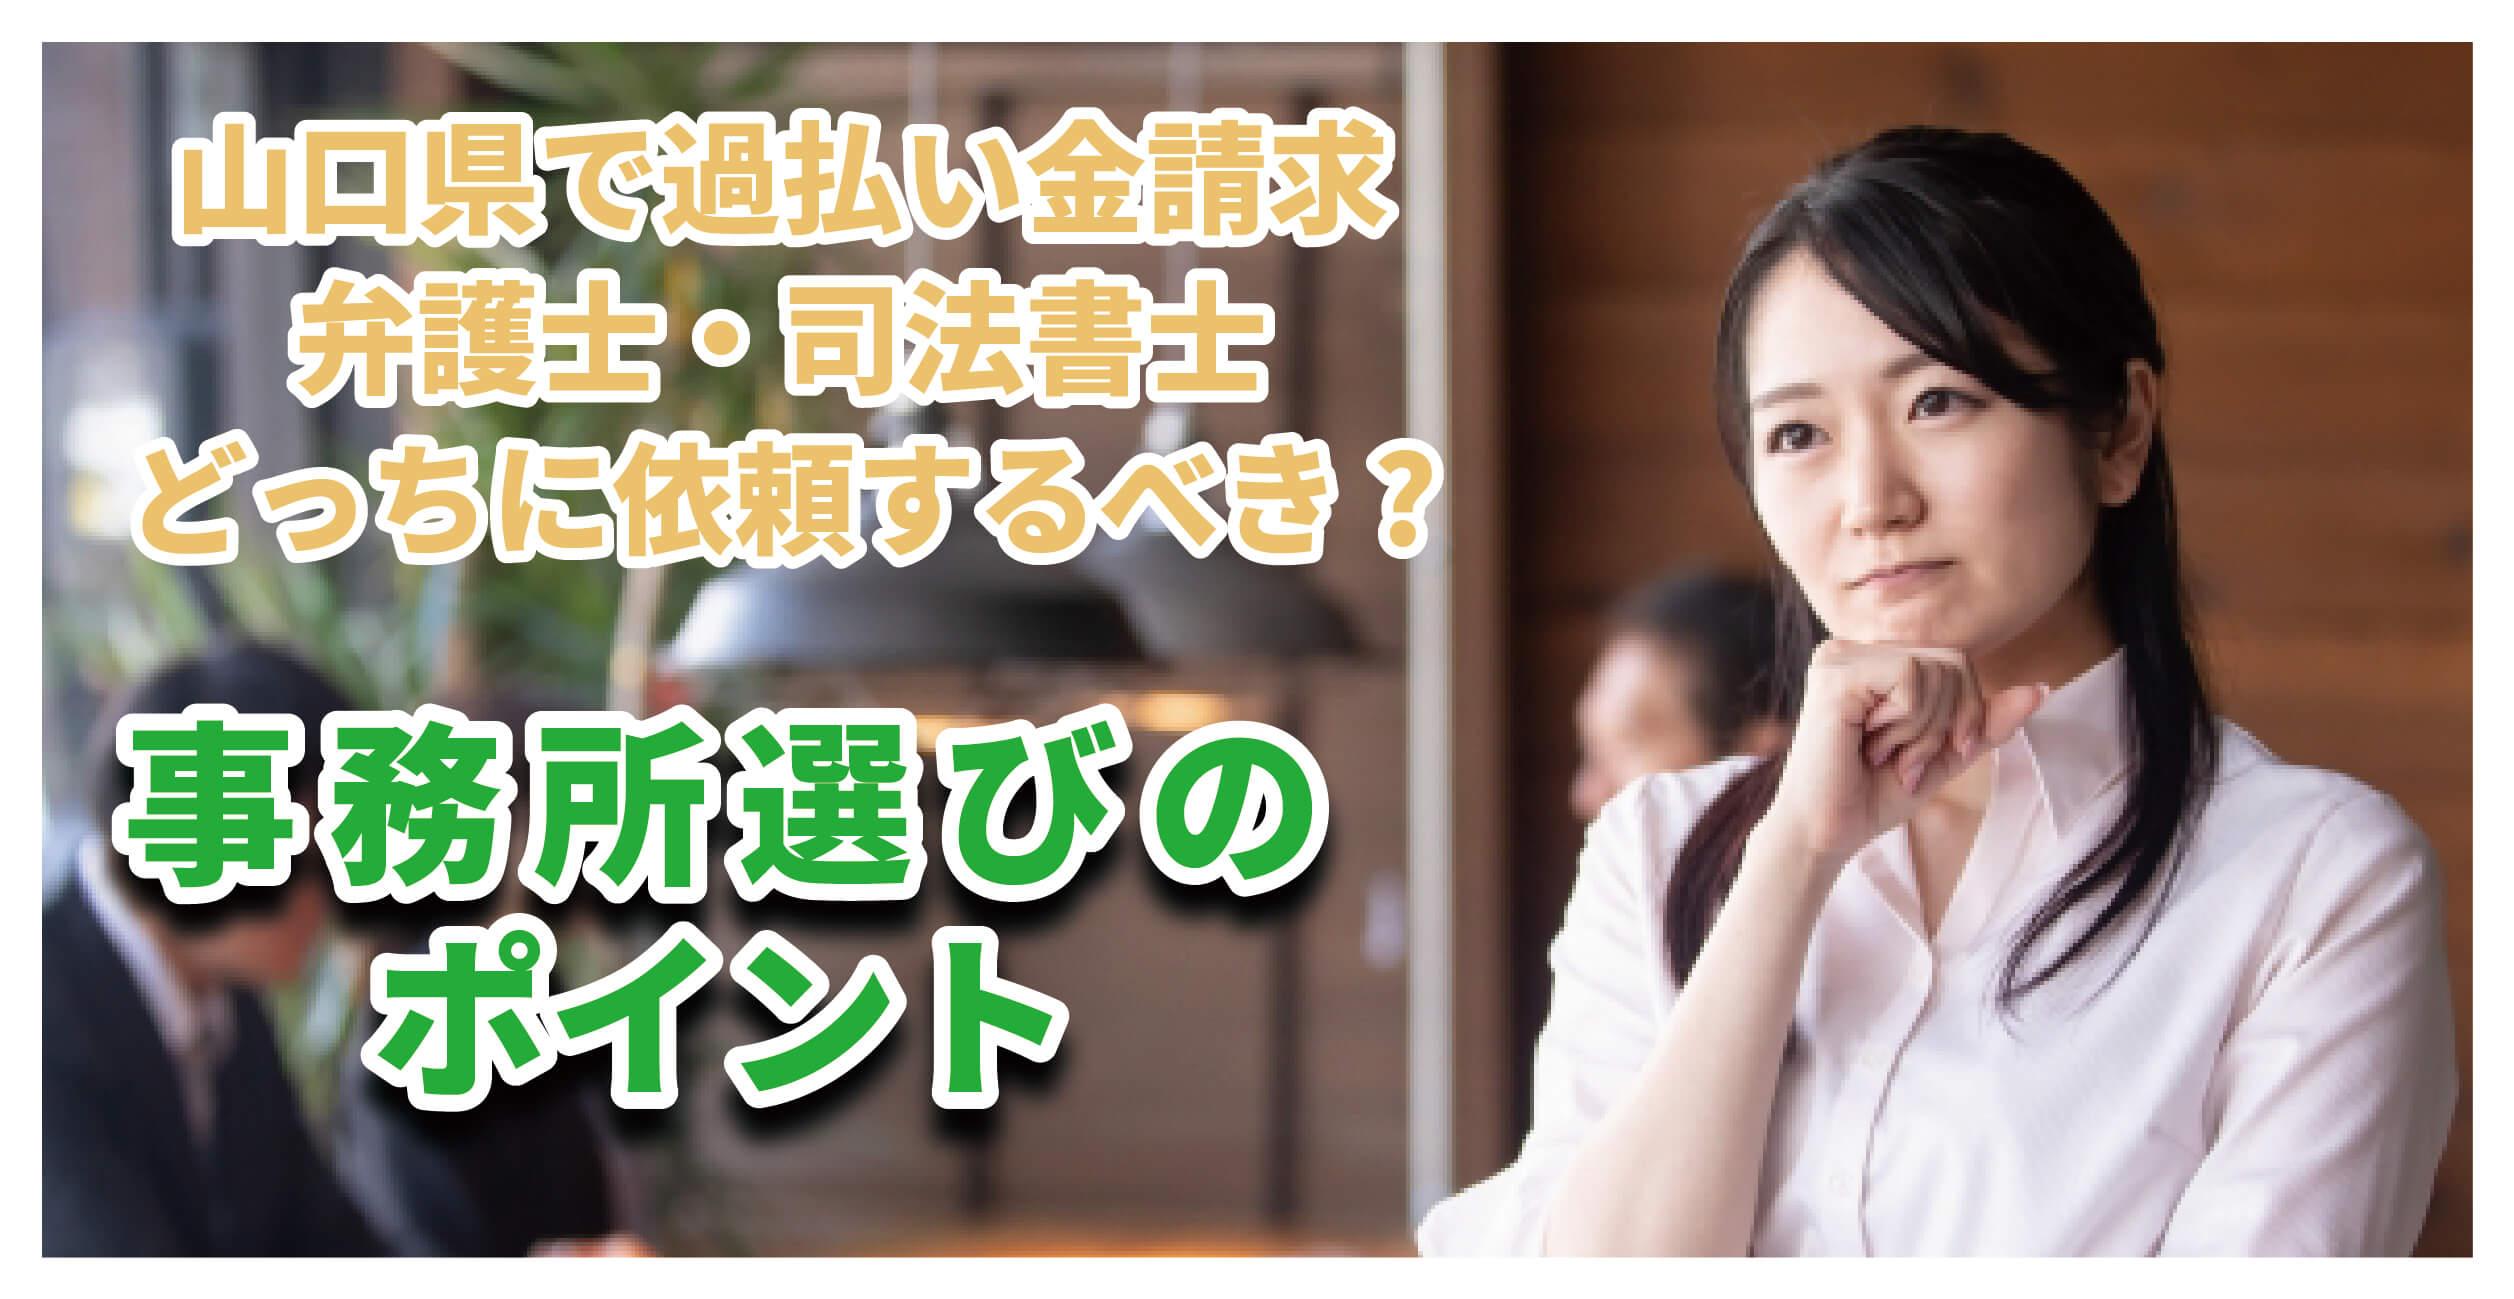 山口県で過払い金請求するなら弁護士と司法書士どっちがいいの?